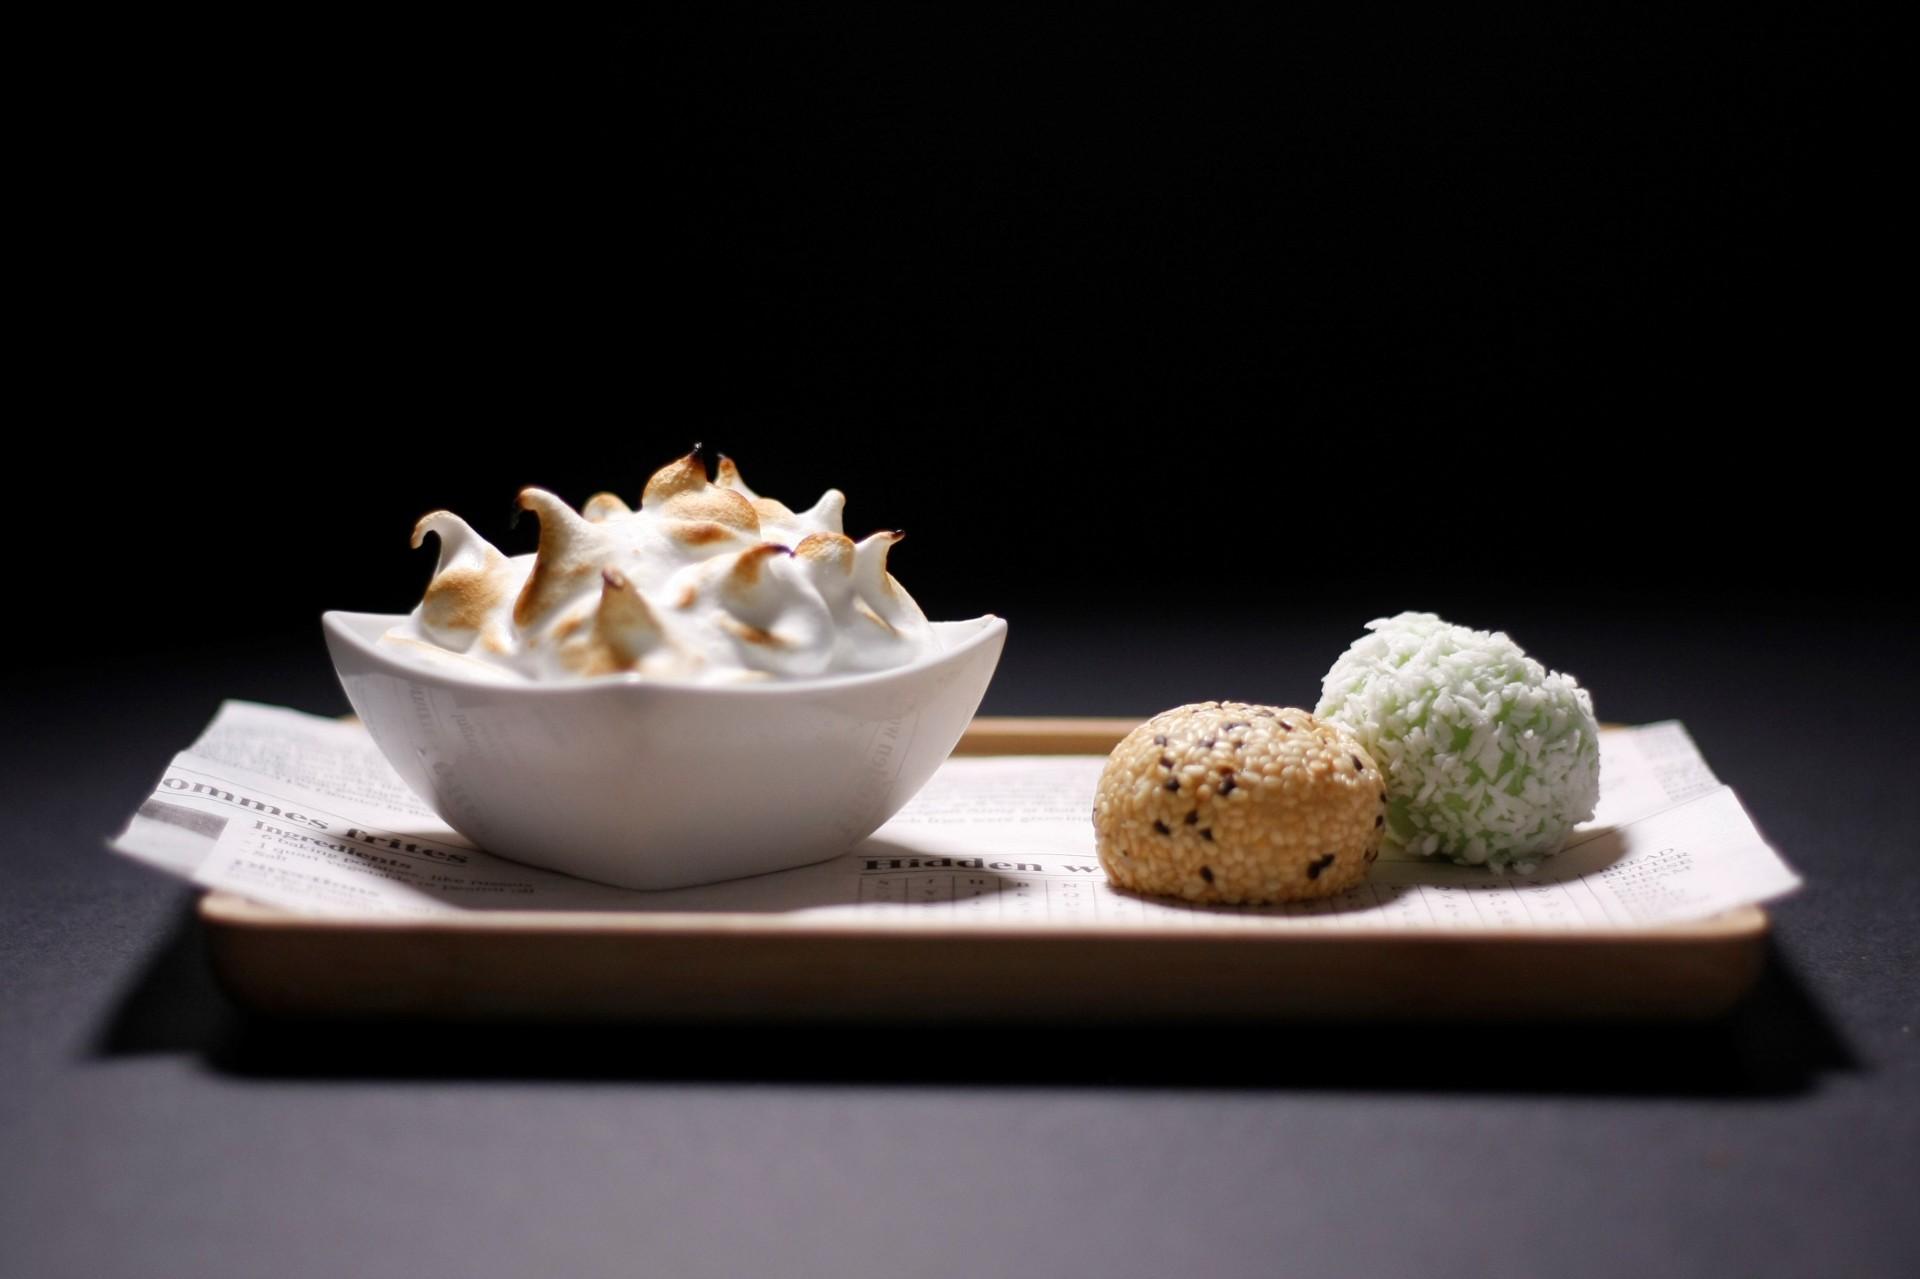 Indonesia Dessert Tasting